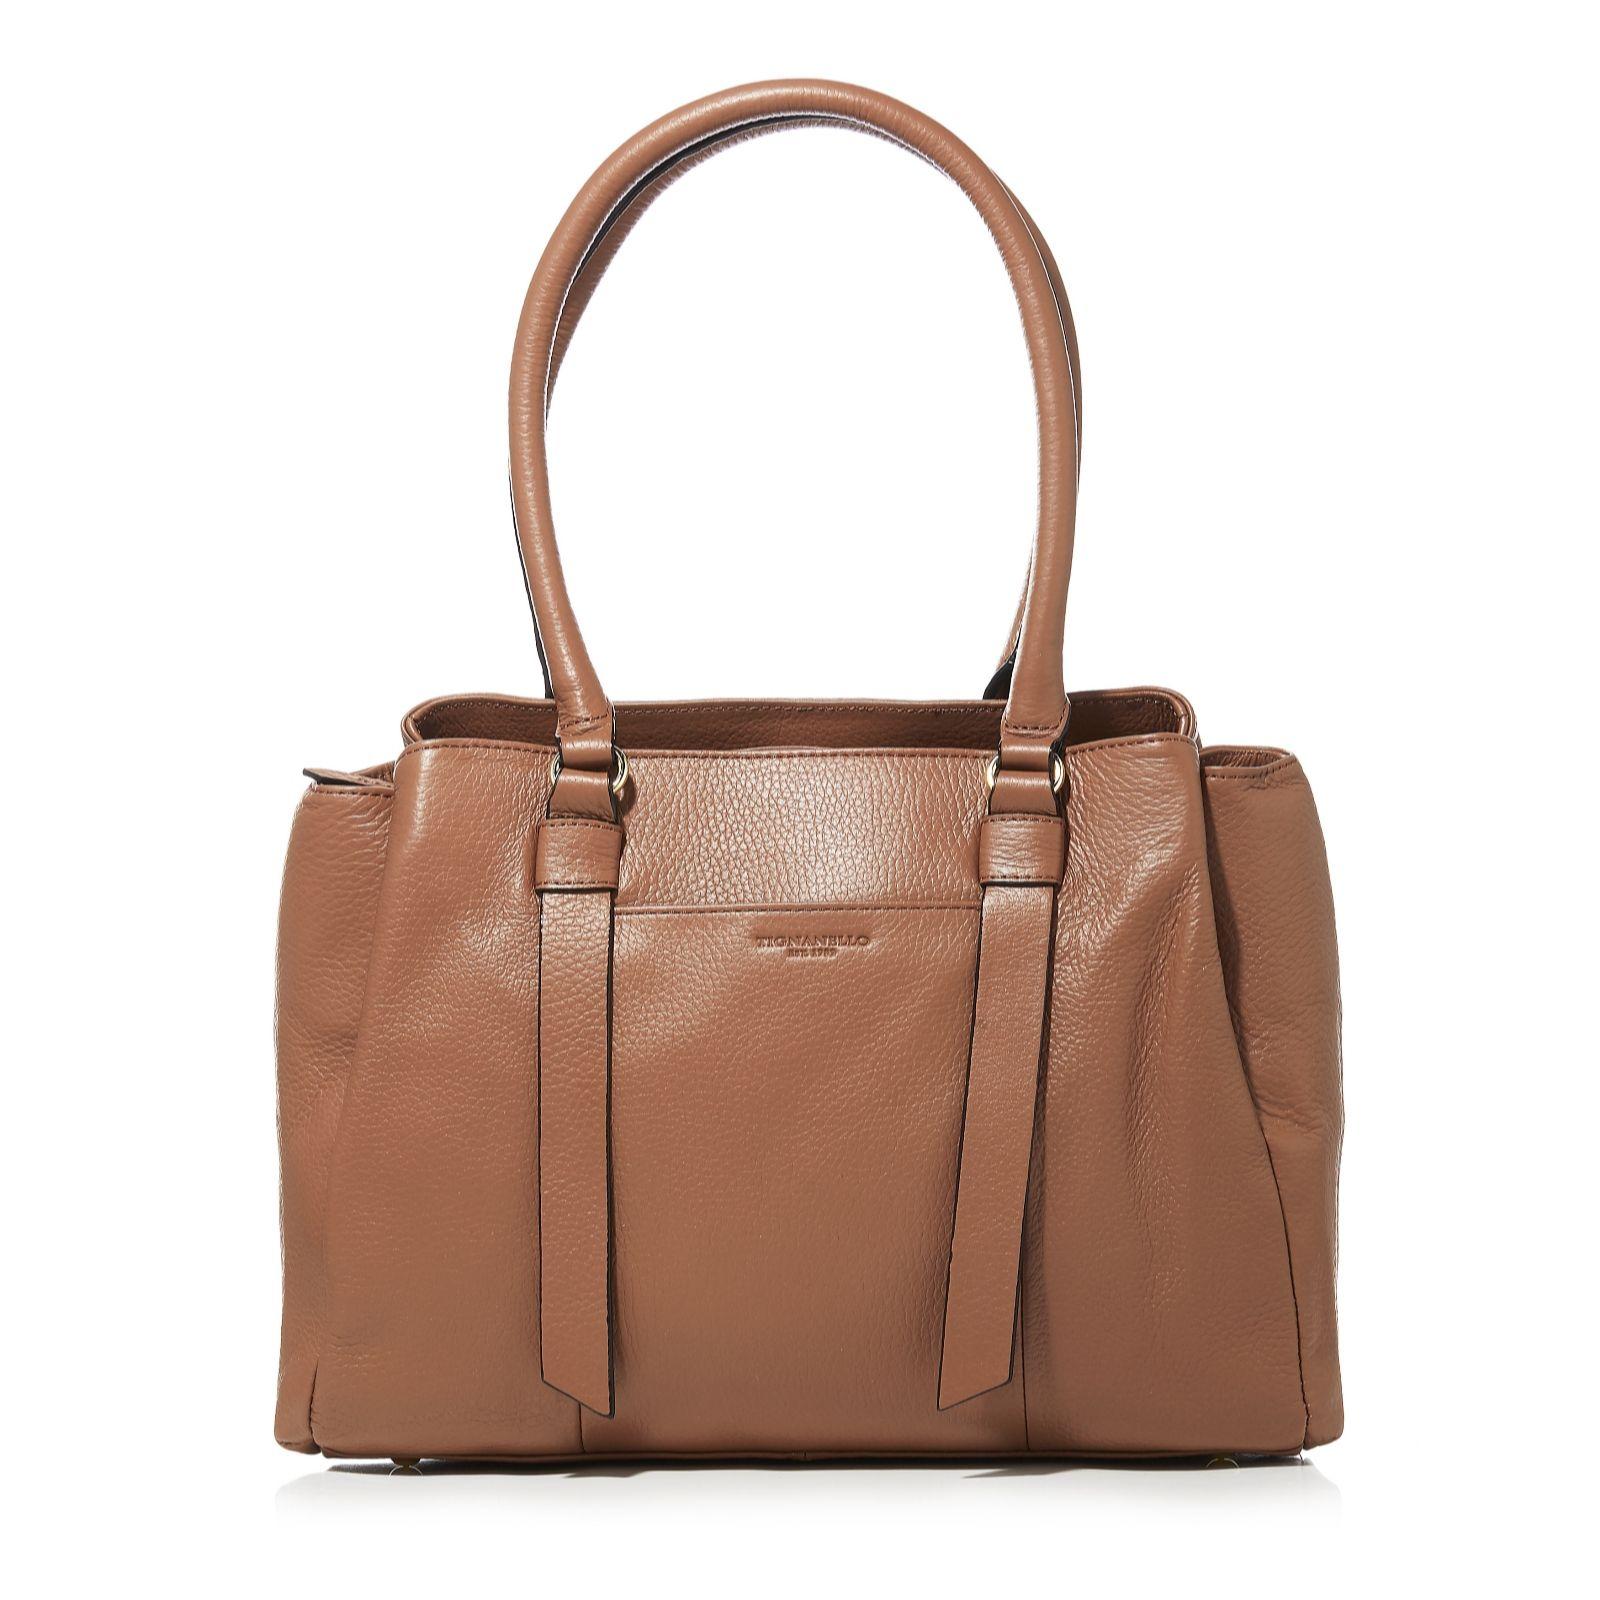 42e4c4dca3 Tignanello Amber Triple Compartment Shoulder Bag - QVC UK